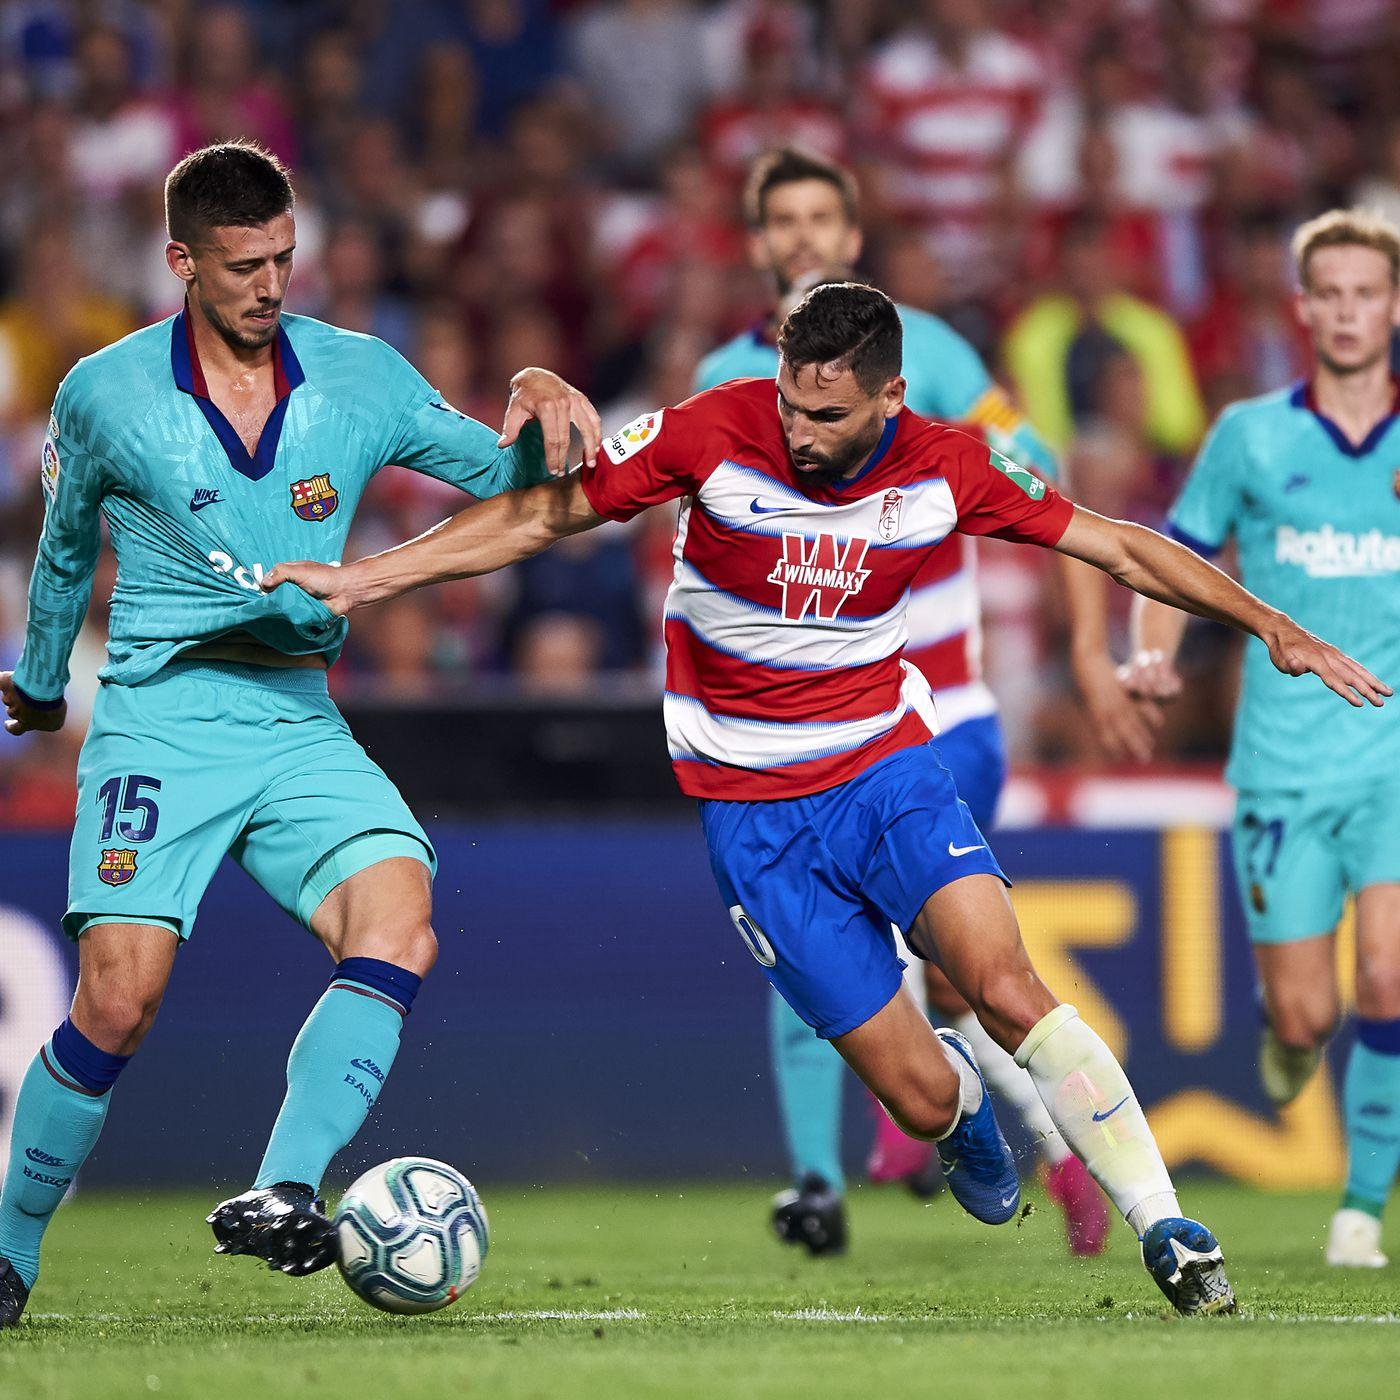 Granada Vs Barcelona La Liga Final Score 2 0 Pathetic Barca Lose To Better Team On The Road Barca Blaugranes